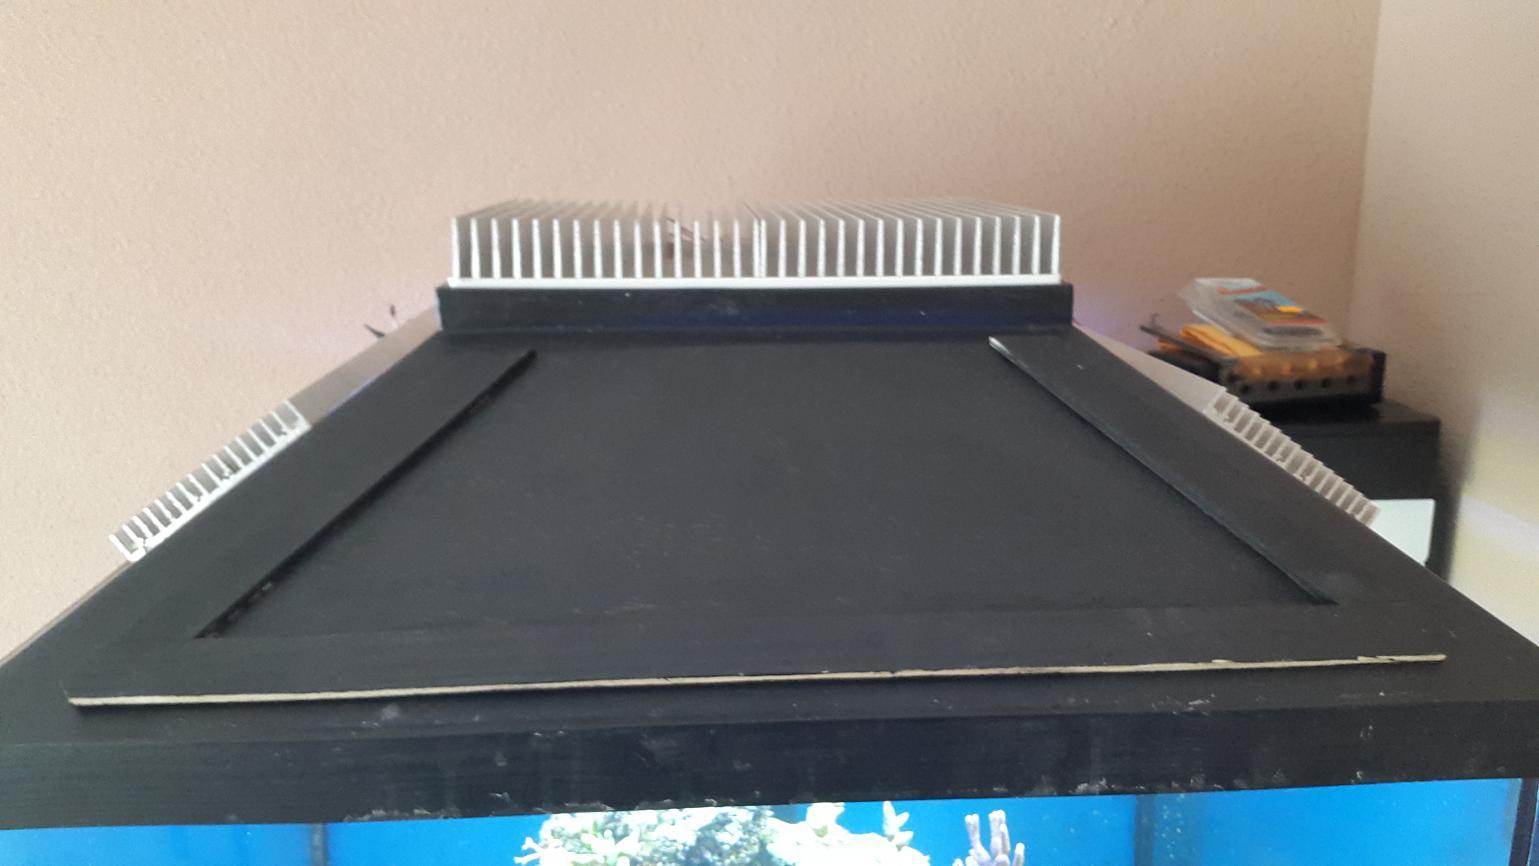 Controlador de acuario arduino v página club